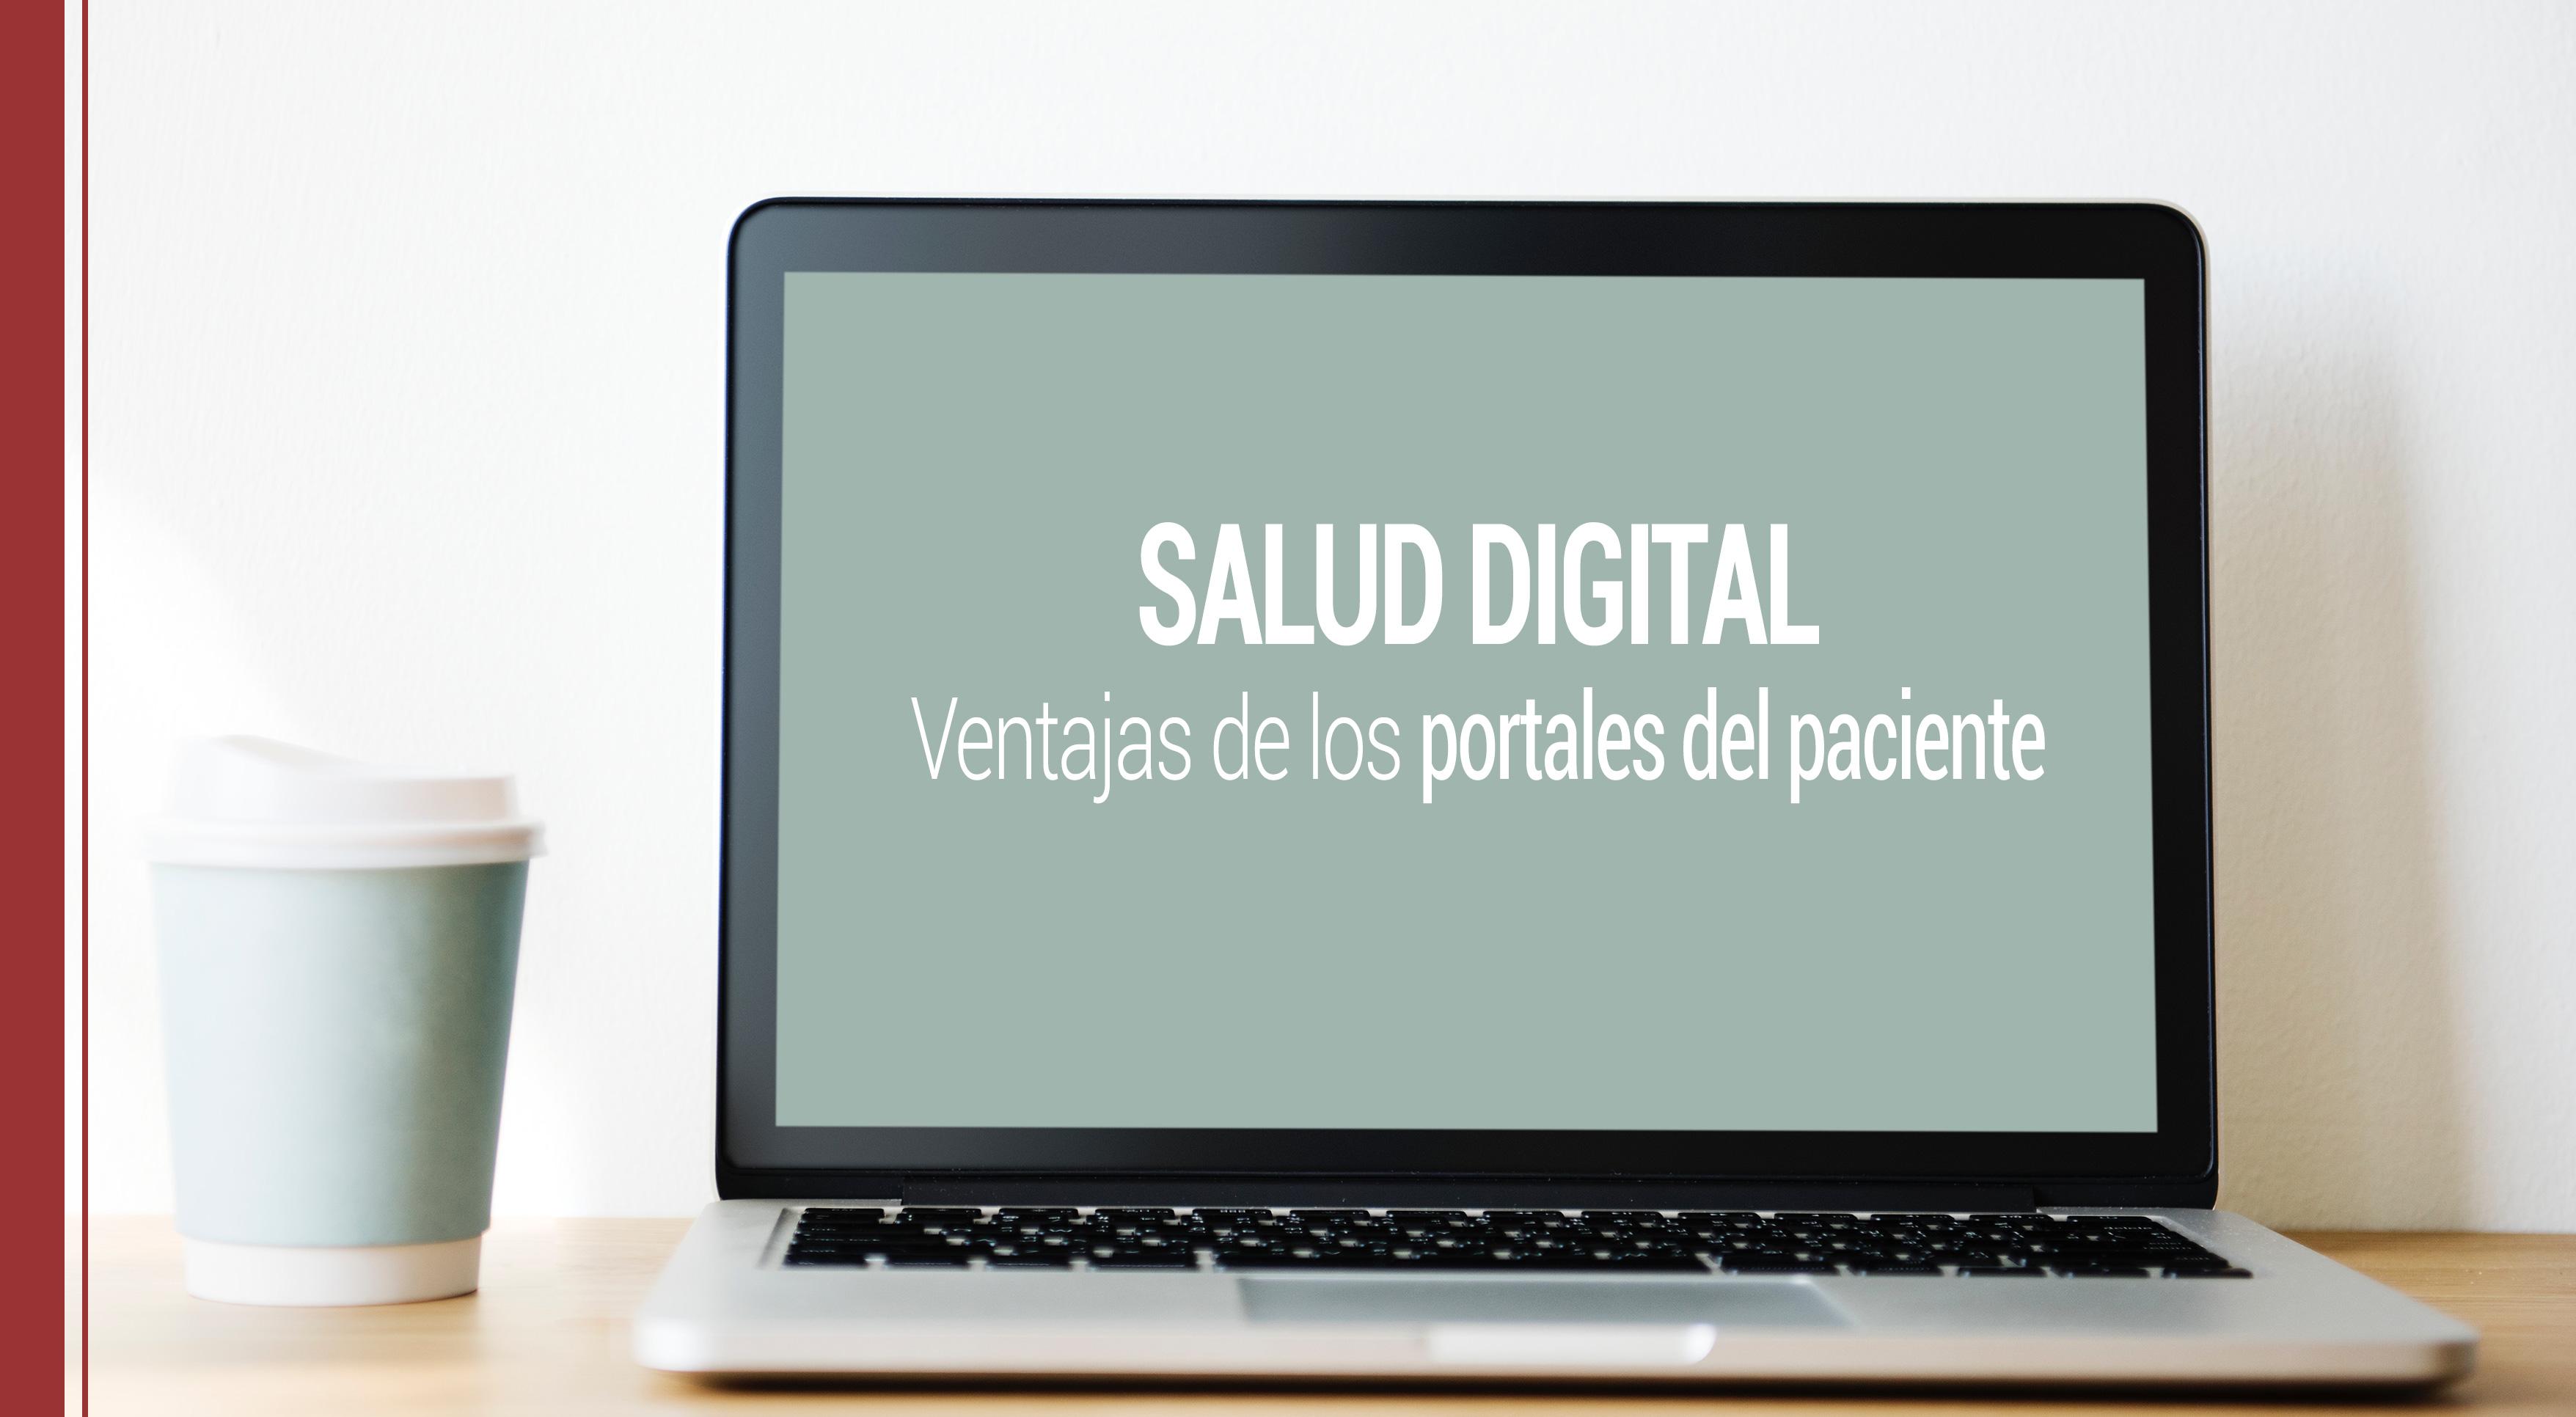 salud digital y los portales de los pacientes